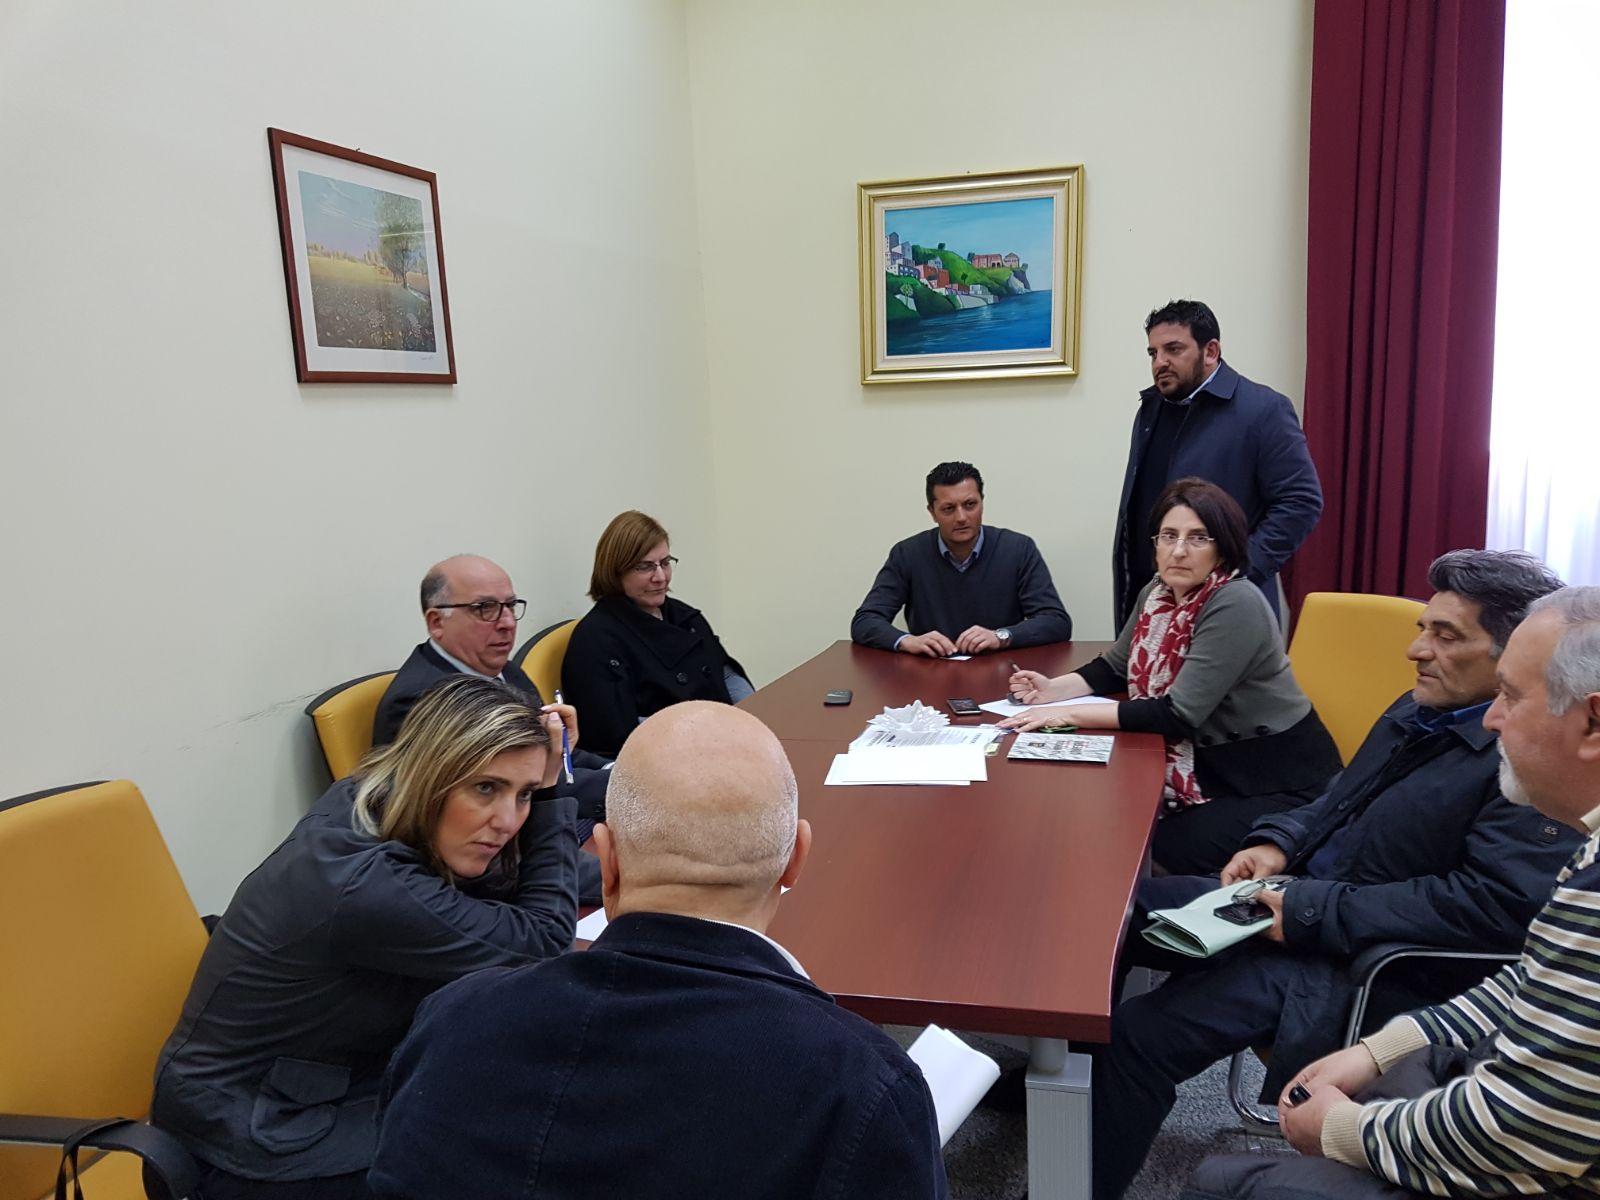 Battipaglia-INCONTRO PMI-Catarozza-Gambardella-Tozzi-Gioia-Vecchio